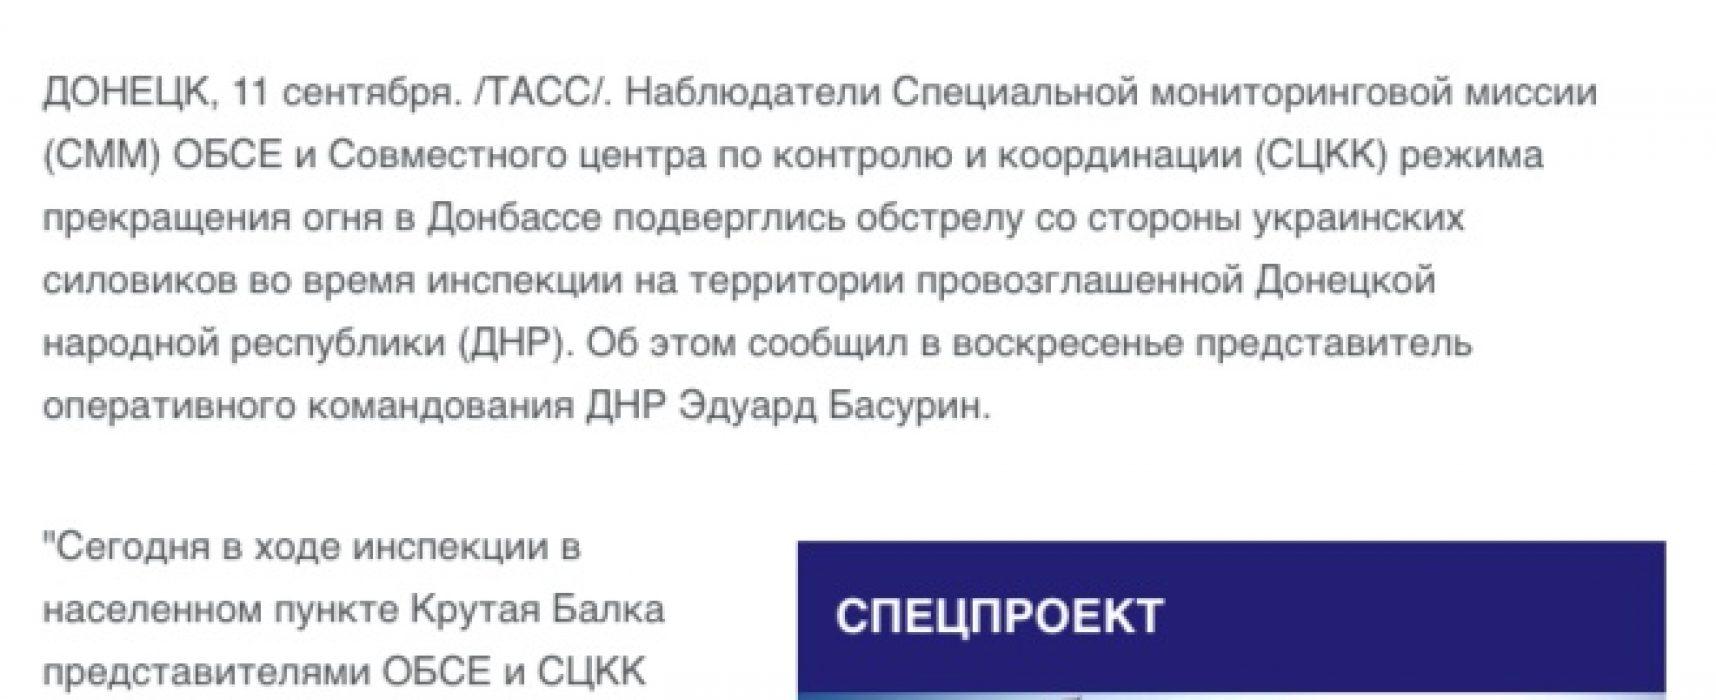 Fake: Oekraïens leger beschiet OVSE-waarnemers